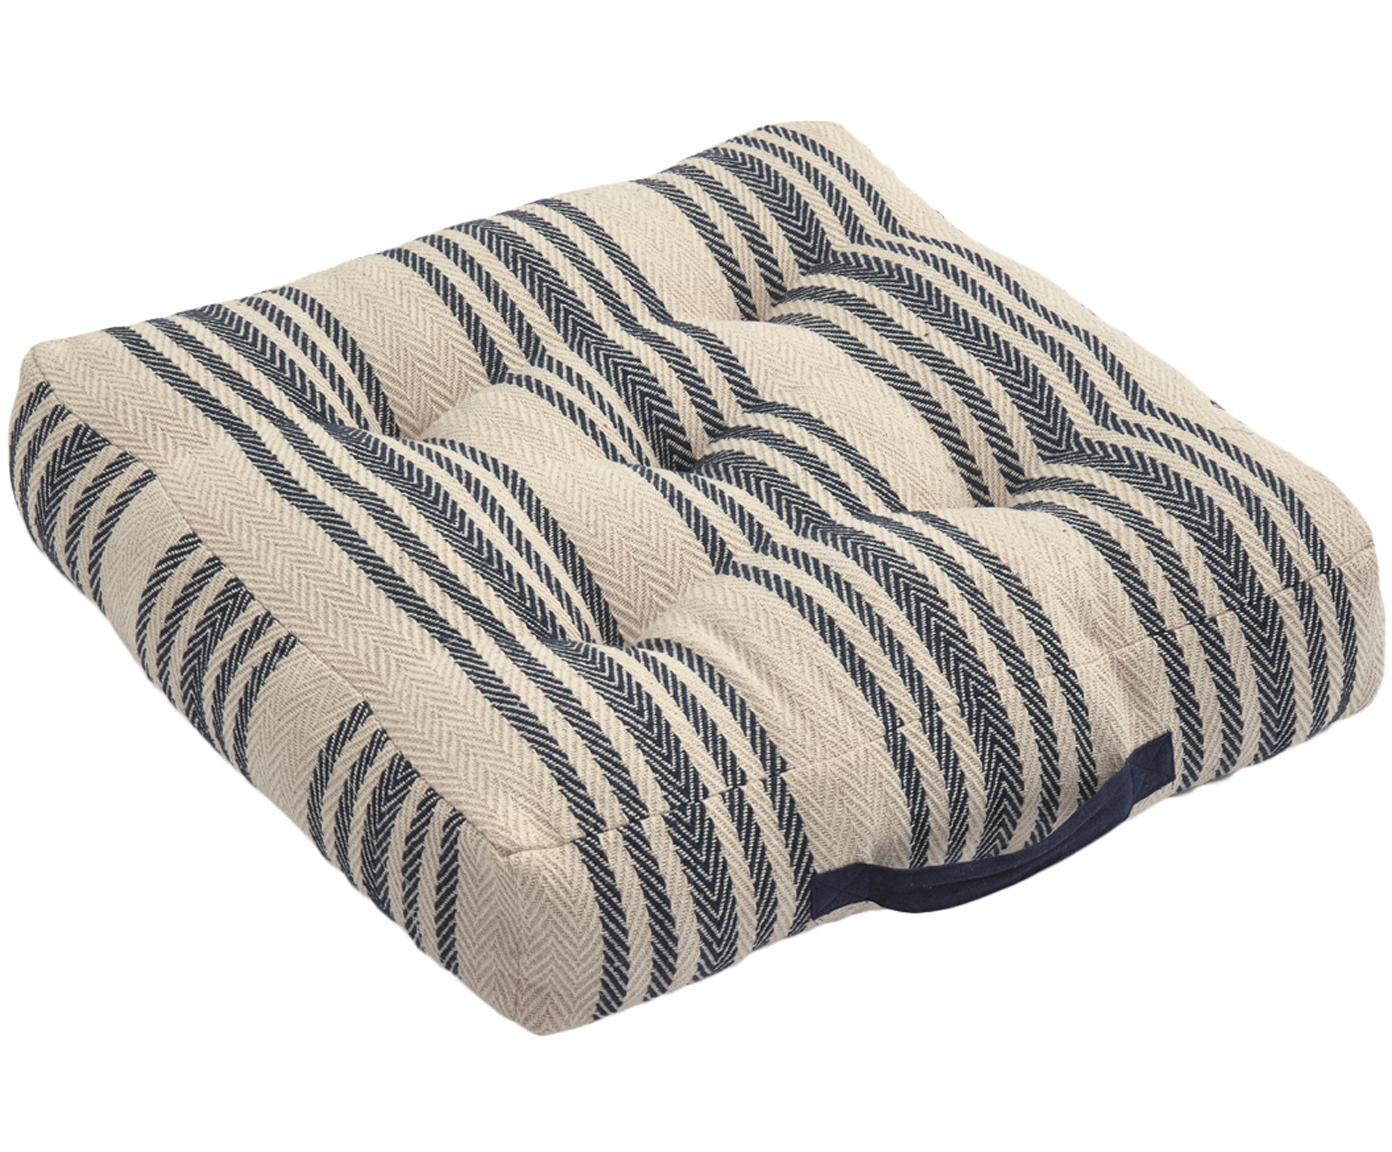 Poduszka podłogowa Puket, Ciemny niebieski, biały, S 60 x W 13 cm